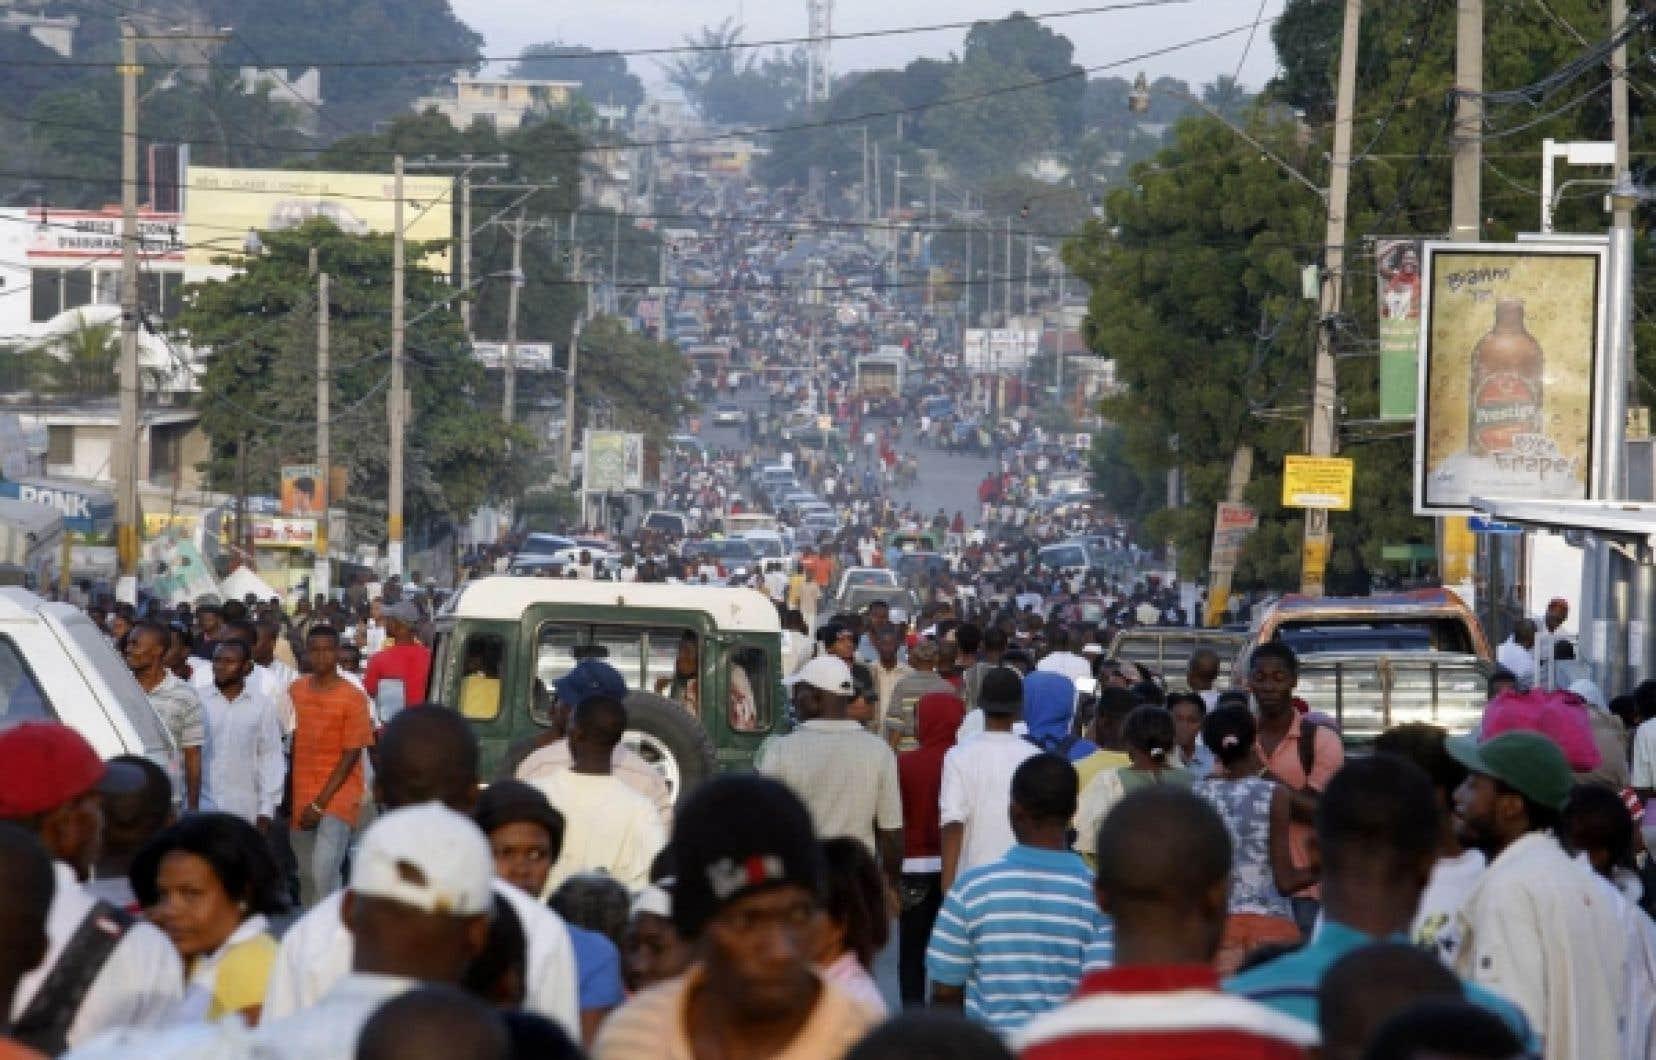 La rue Delmas, à Port-au-Prince, a été envahie par les sinistrés.